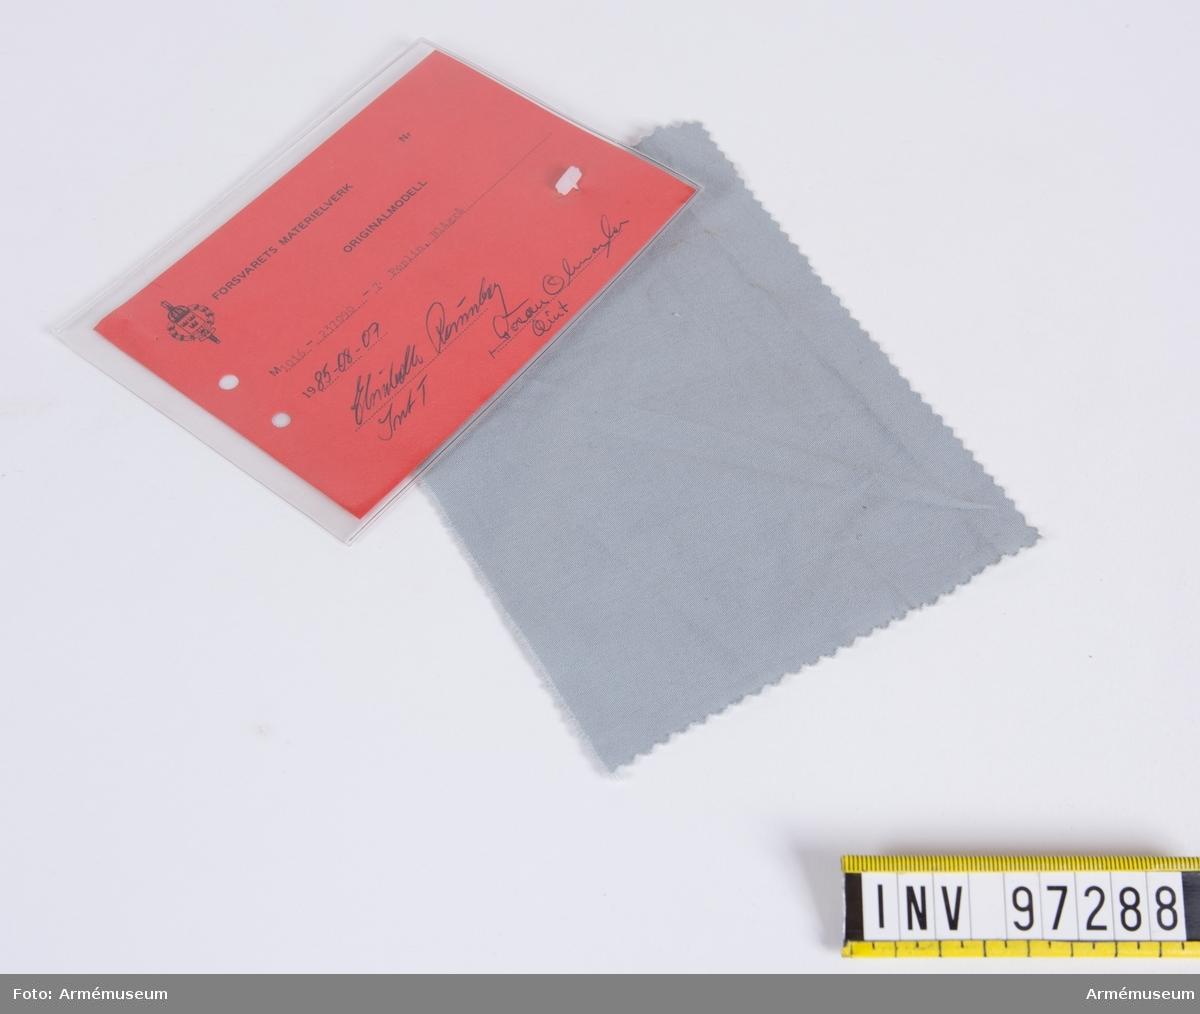 """Vidhängande modellapp med text: """"Försvarets materielverk. Originalmodell. M 1016-237090-7 Poplin, Blågrå. 1985-08-07. Elisabeth Rönnberg IntT, Göran Olmarker QInt."""""""